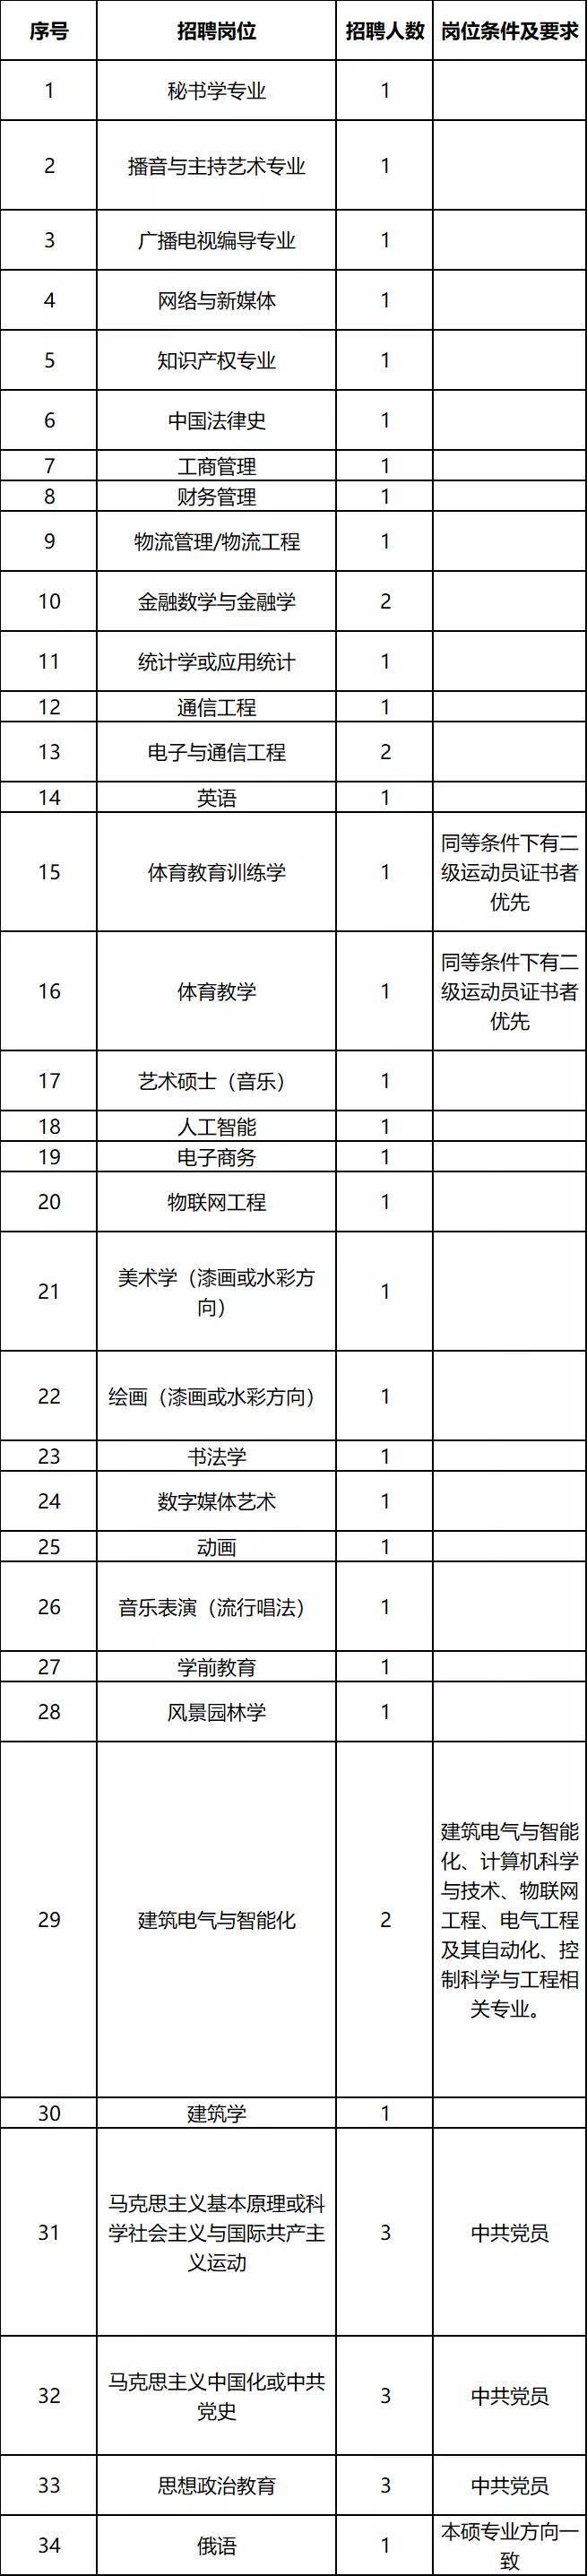 商丘师范学院公开招聘专任教师43人